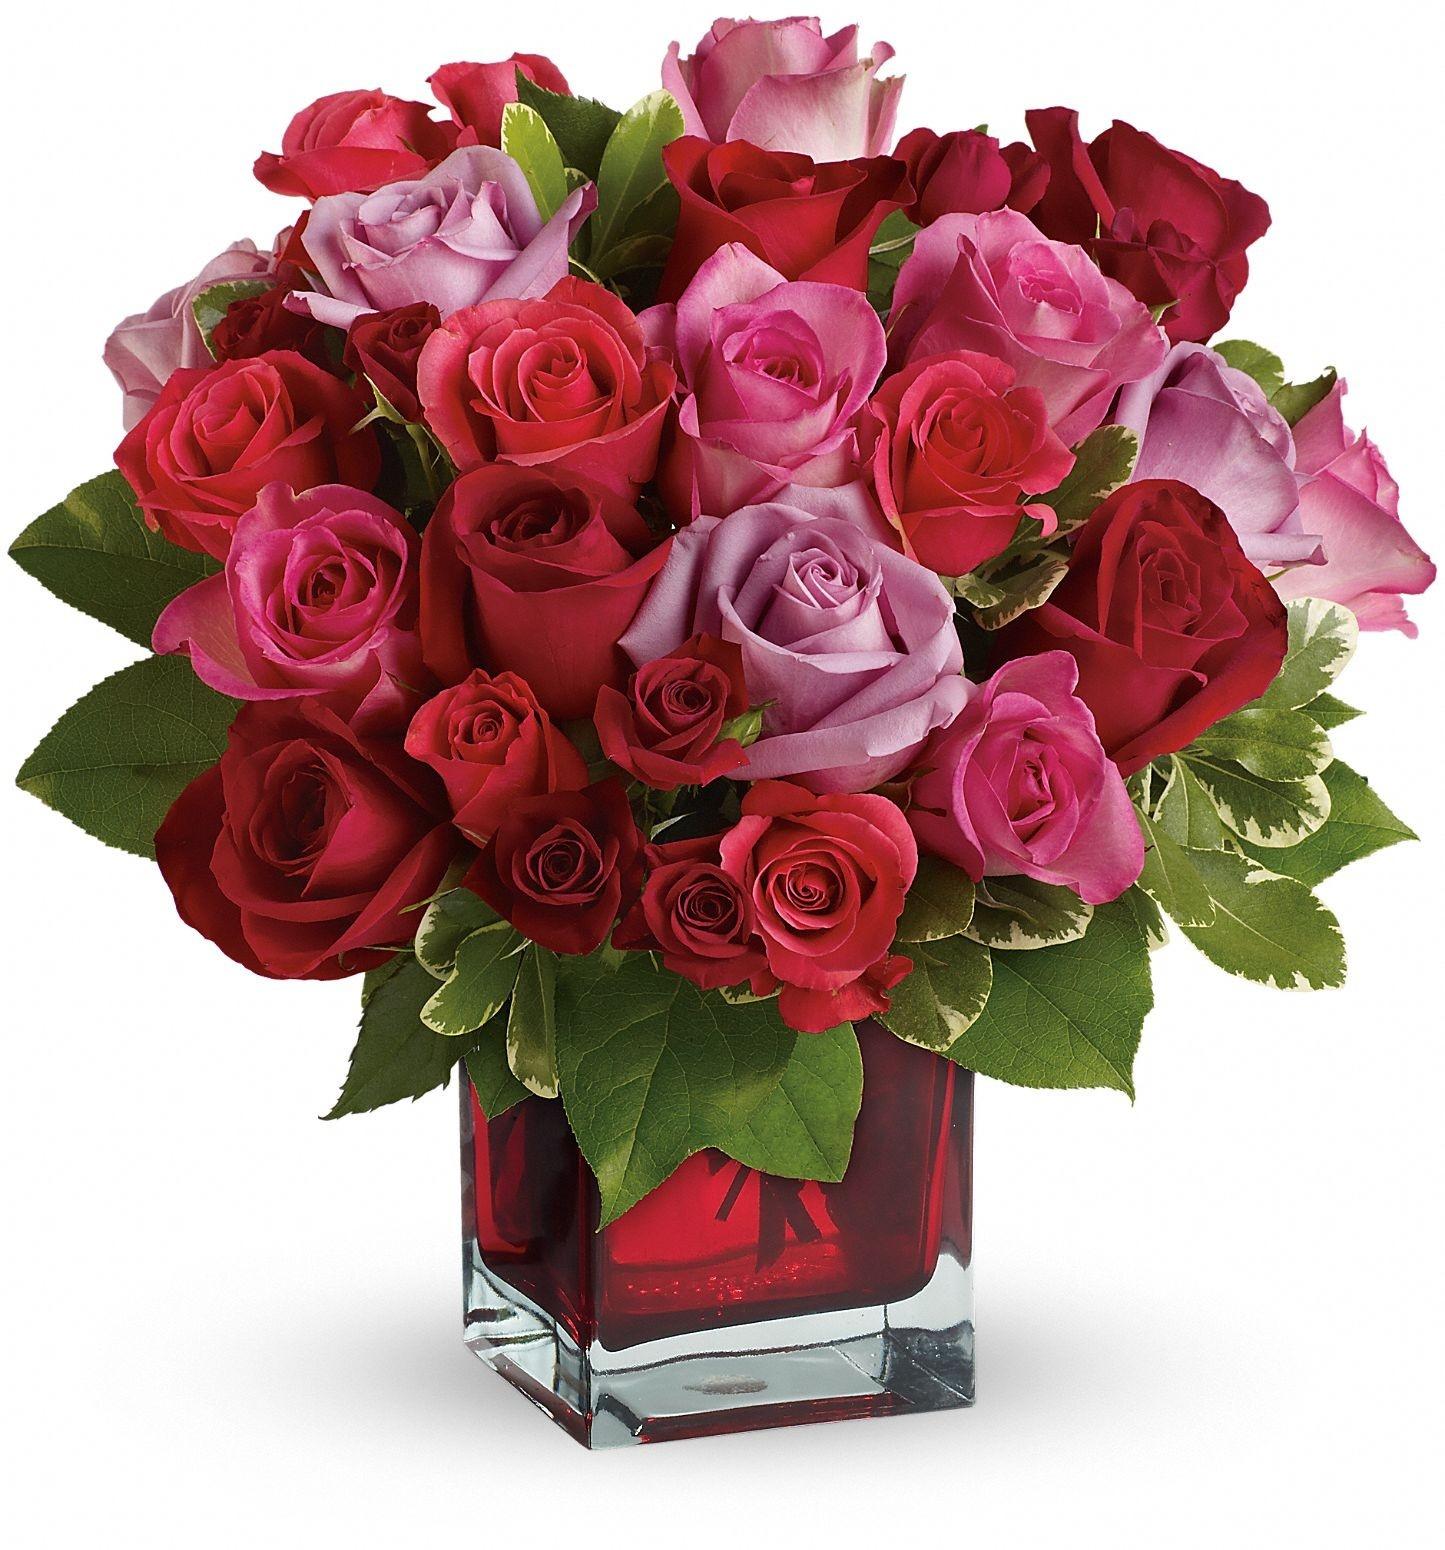 Hình ảnh hoa đẹp mừng sinh nhật